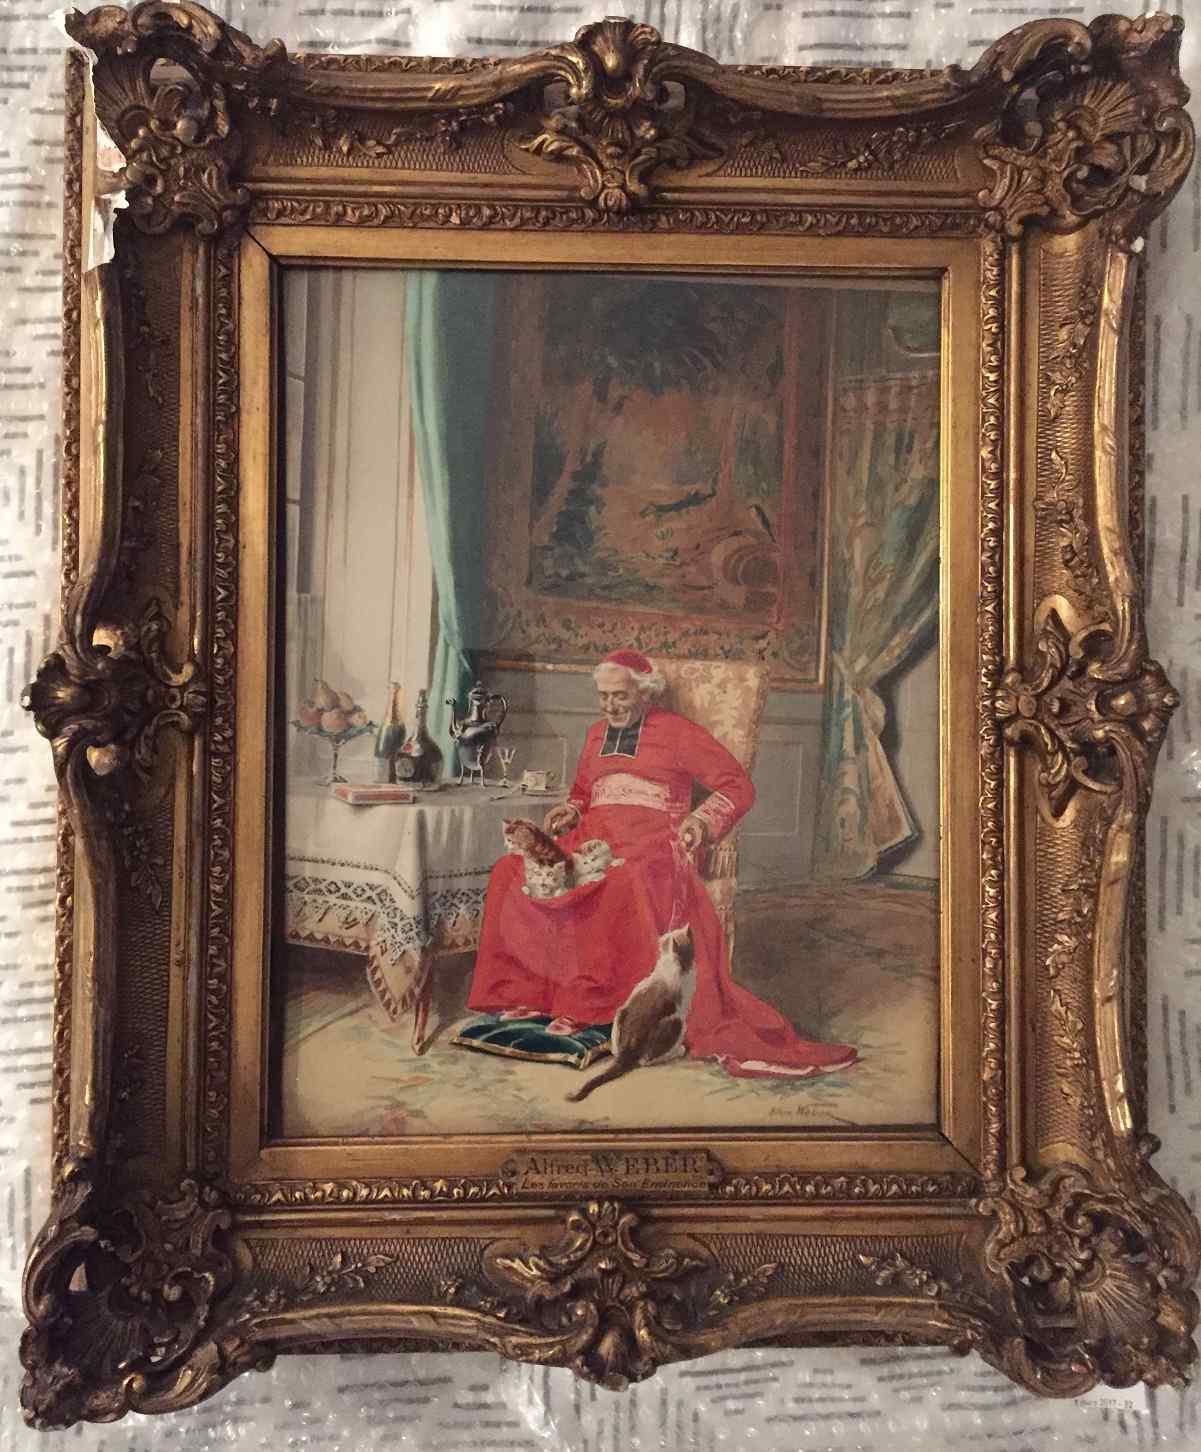 I favoriti di Sua Eminenza quadro di A. WEBER